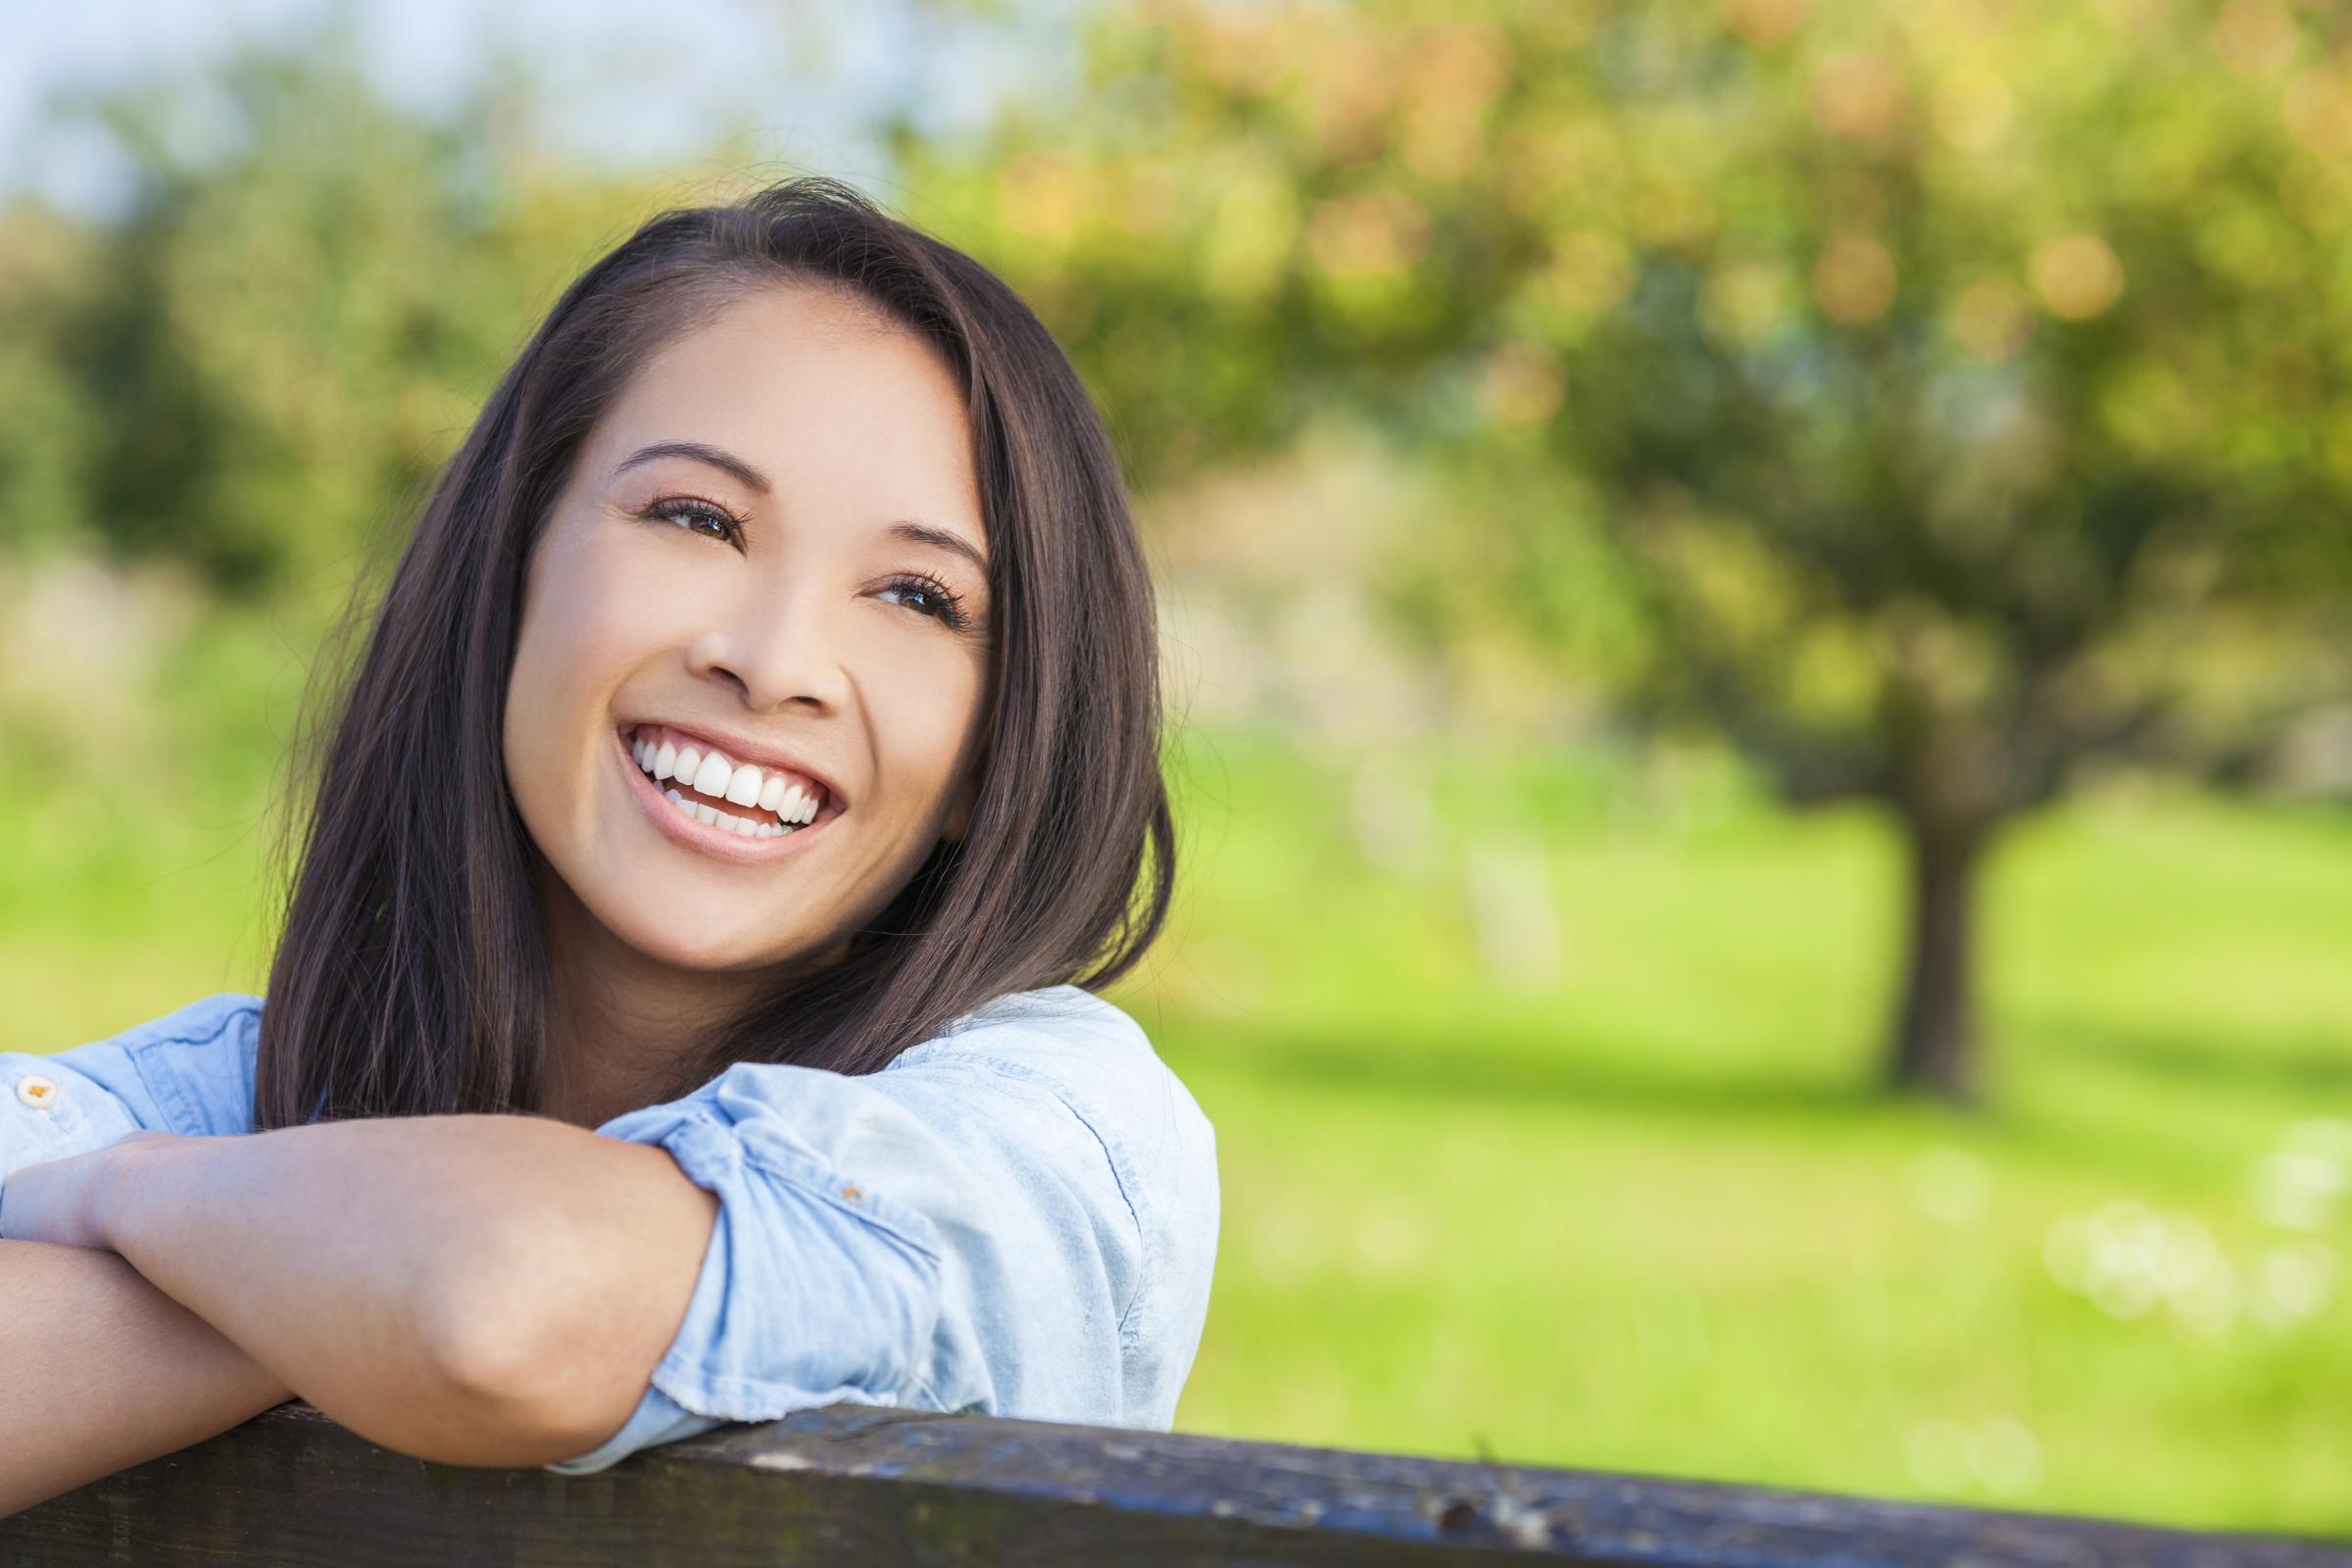 Brunette female smiling in a green field